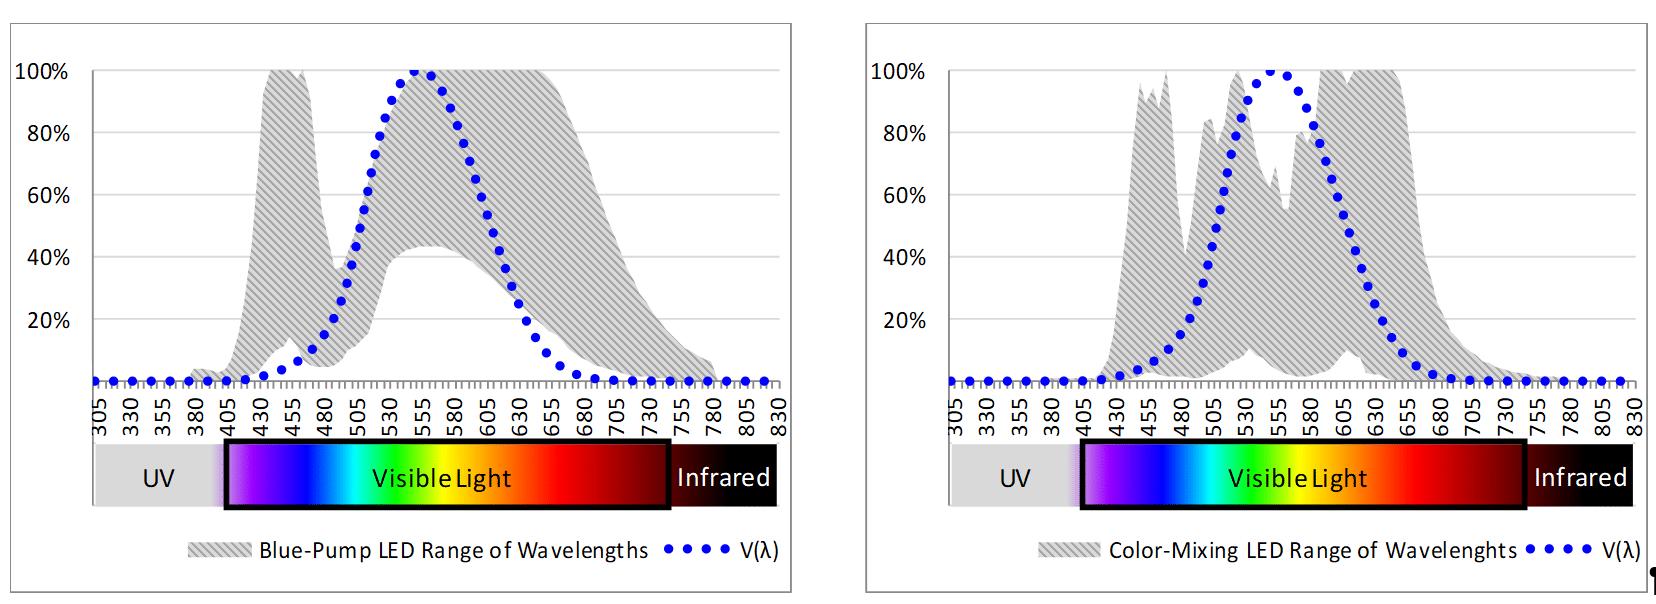 led-tm-30-light-meter-spectral-data-graph-kw-engineering-energy-expert-consultant